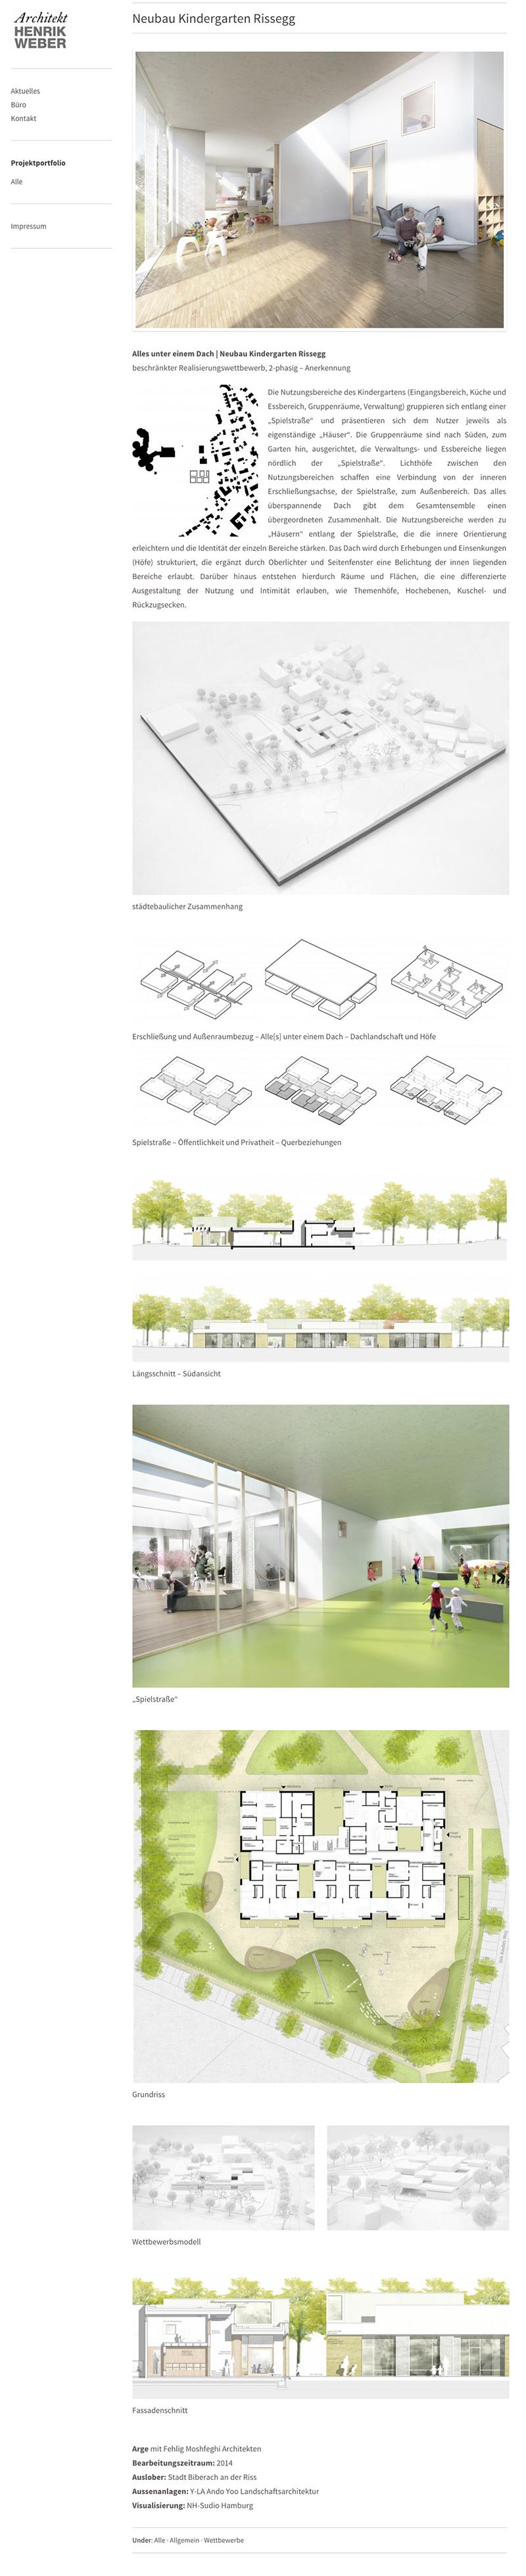 Neubau Kindergarten Rissegg